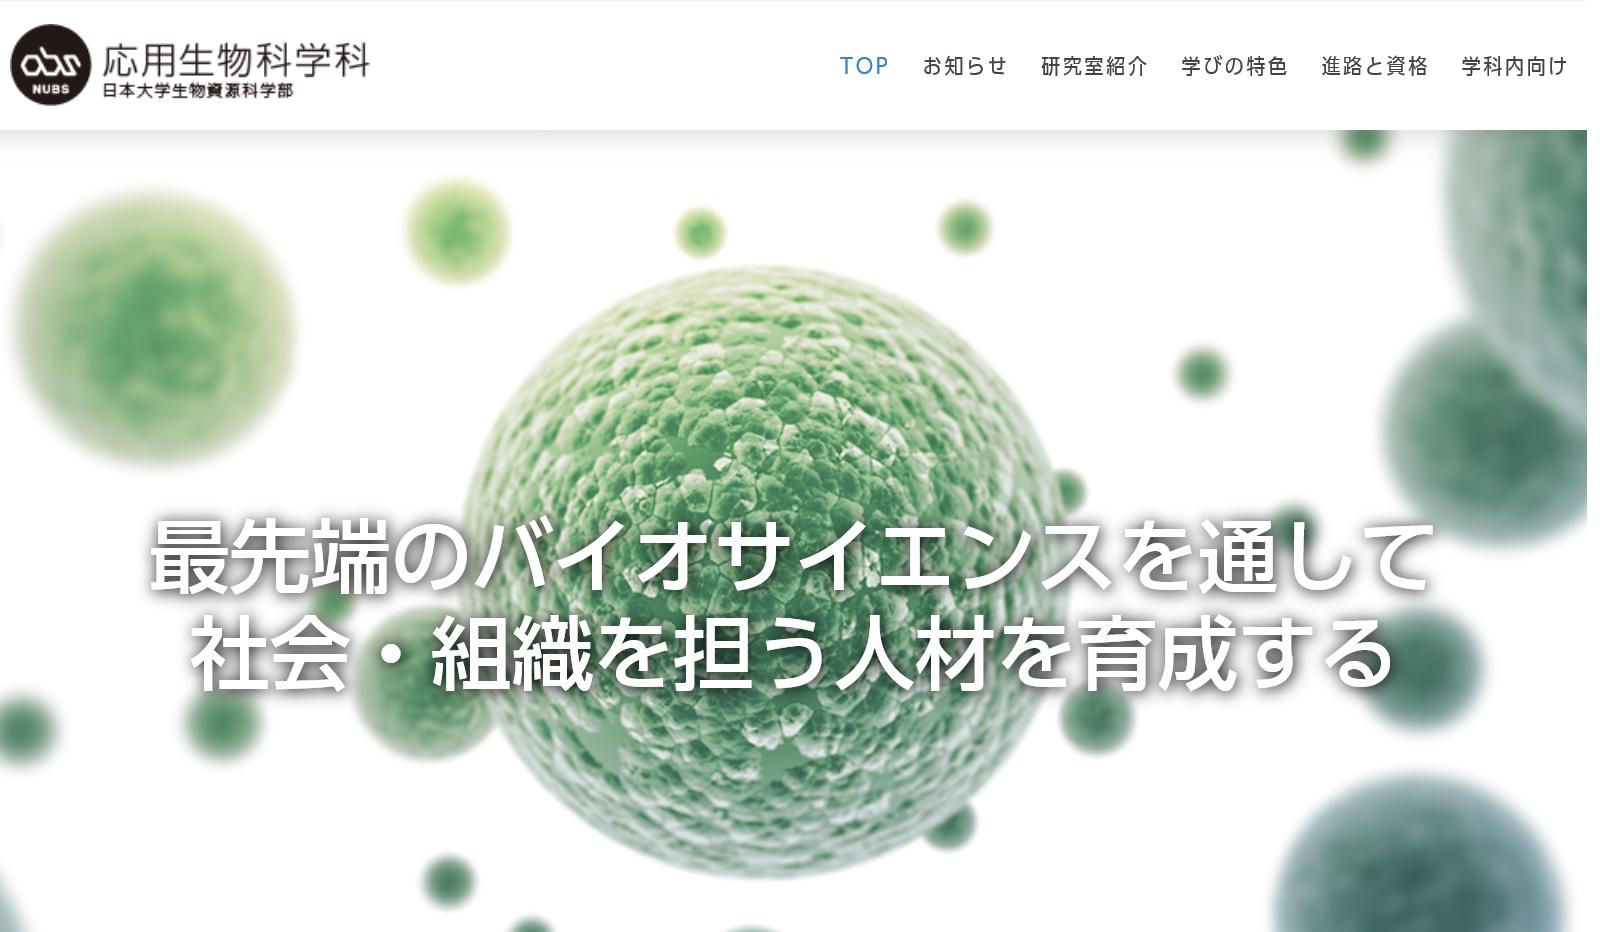 日本大学の評判・口コミ【生物資源科学部編】